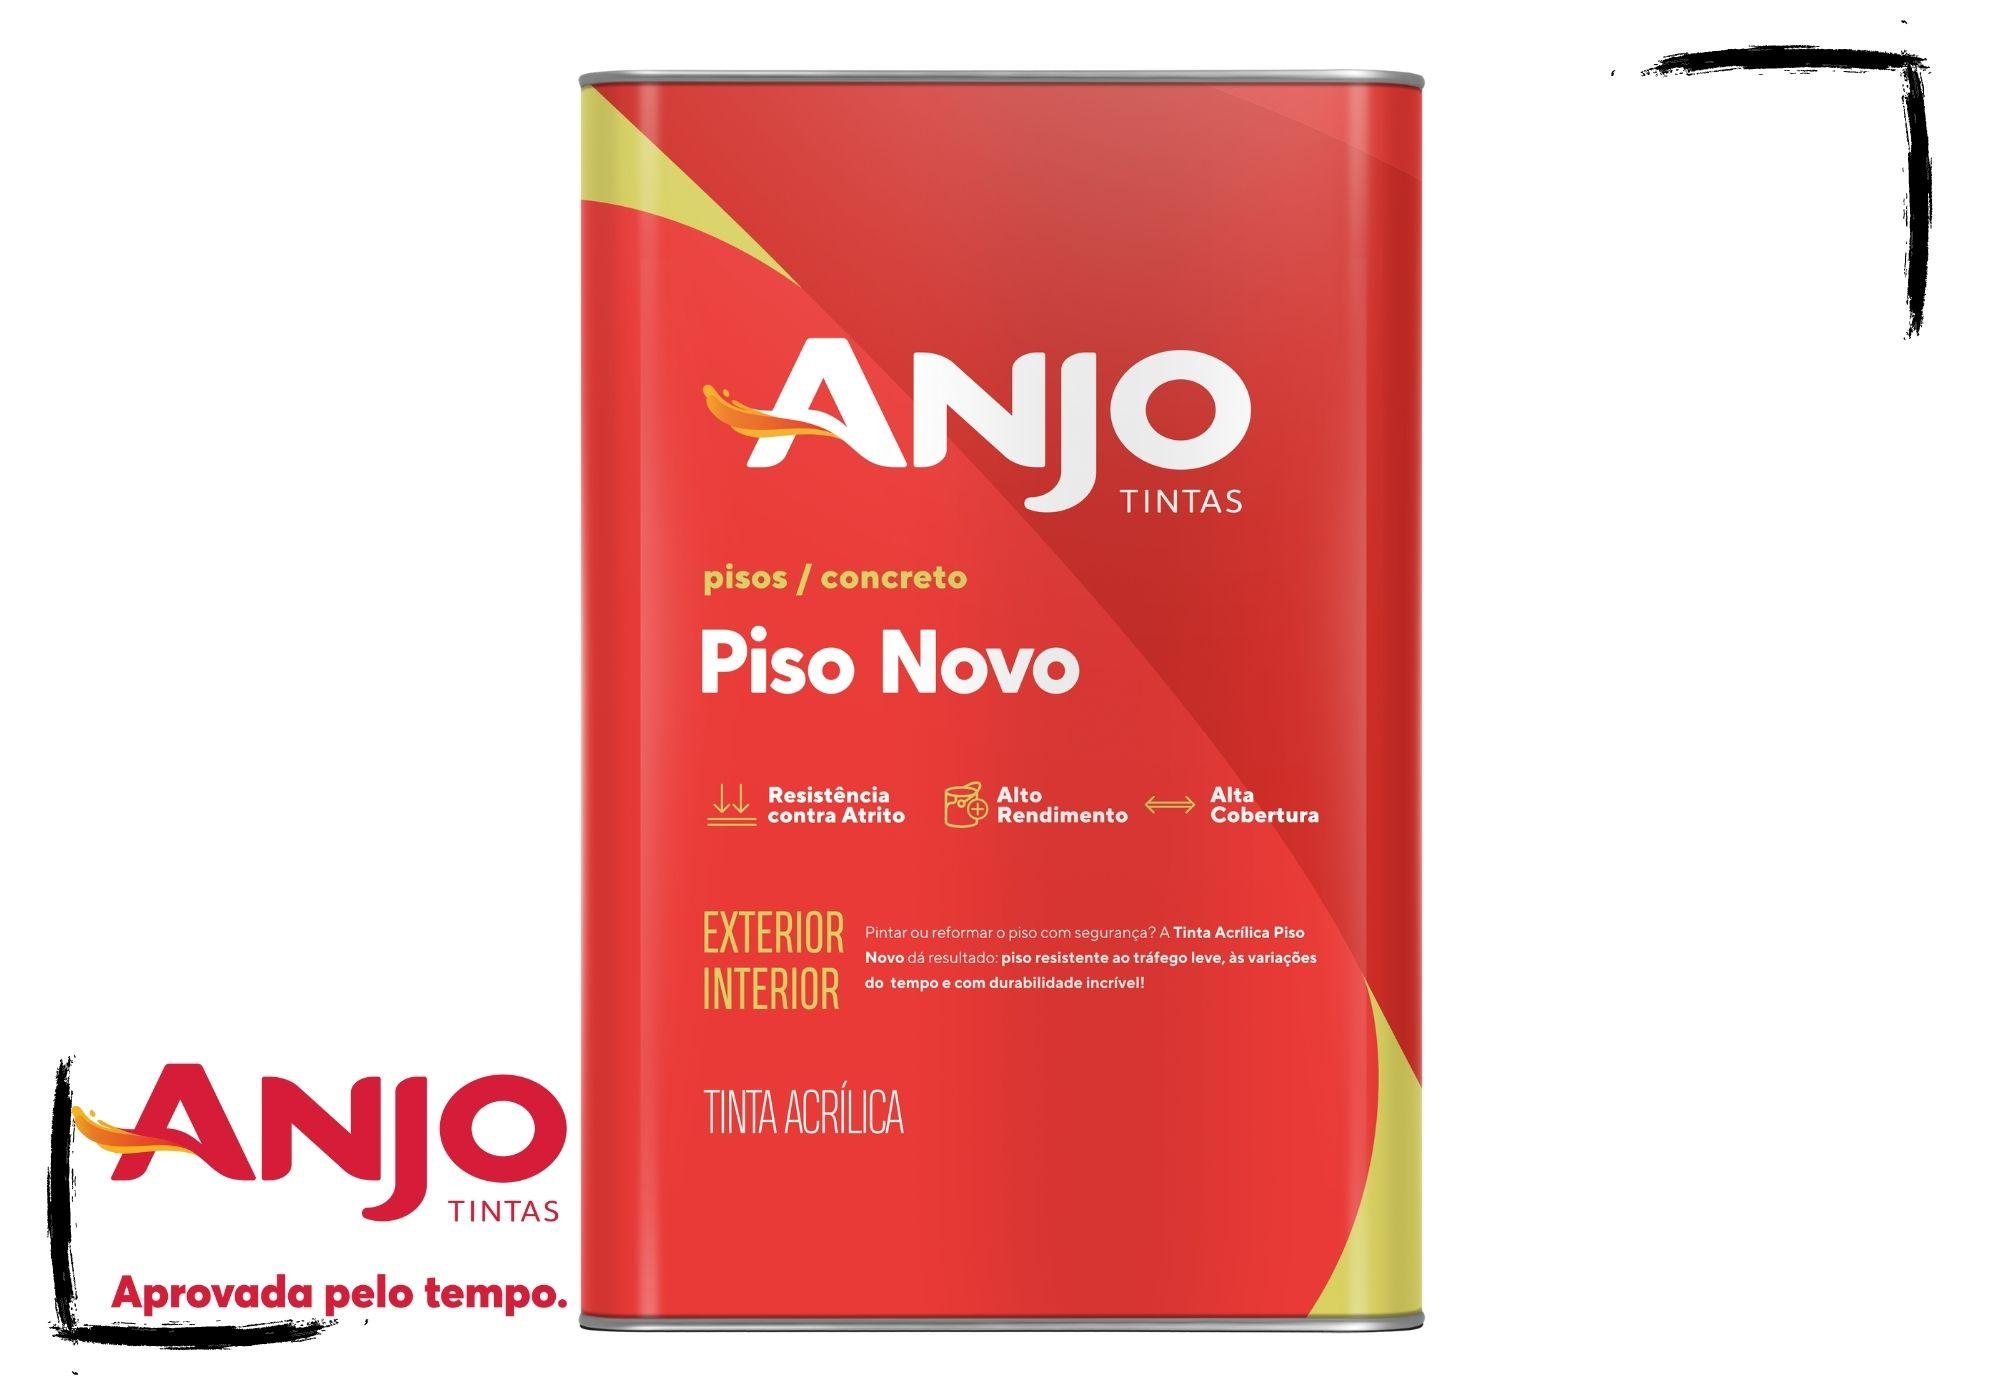 Anjo Tinta Piso Novo 18L